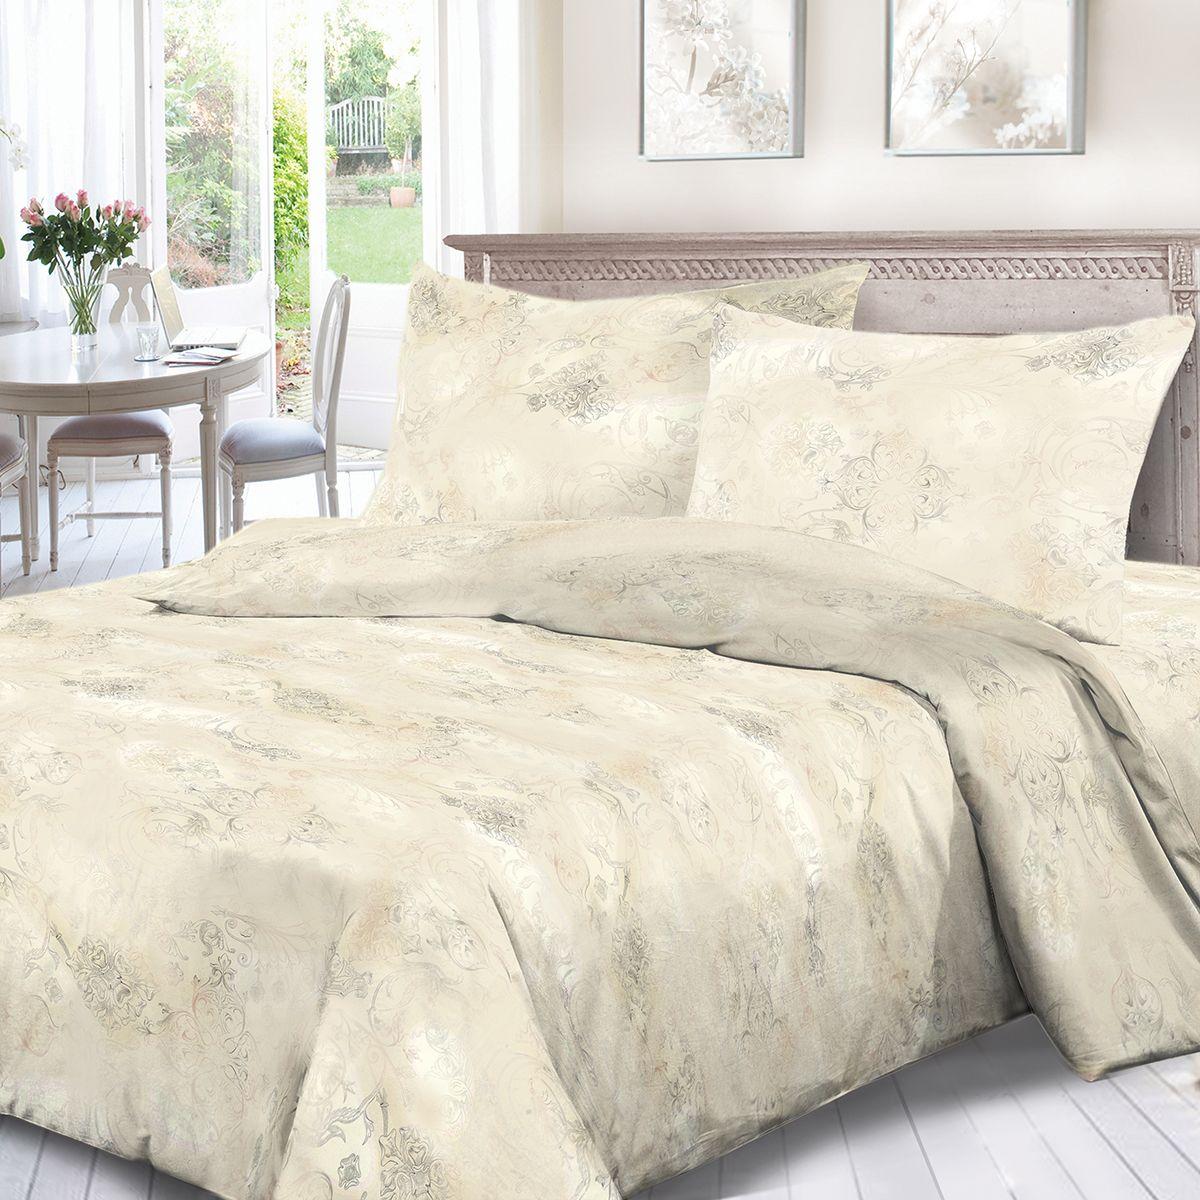 Комплект белья Сорренто Шелковый путь, 1,5 спальное, наволочки 70x70, цвет: бежевый. 3891-187886